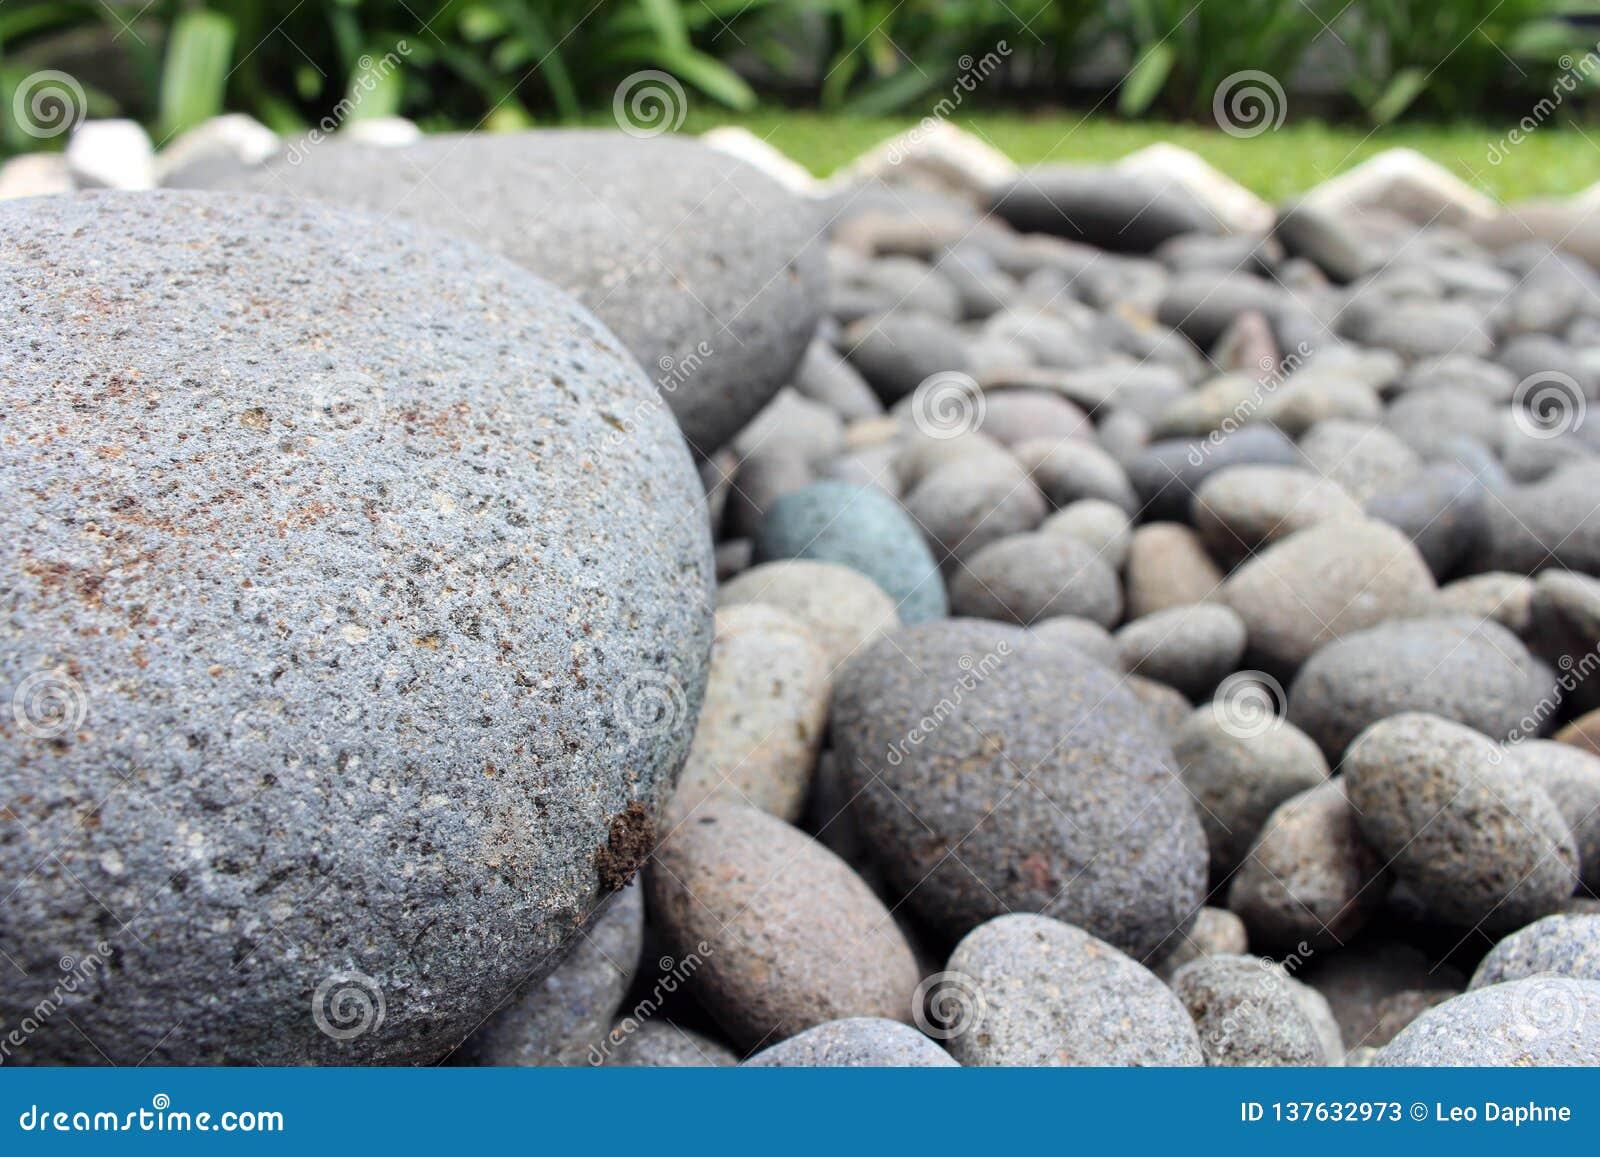 Pedras grandes entre seixos menores, no jardim